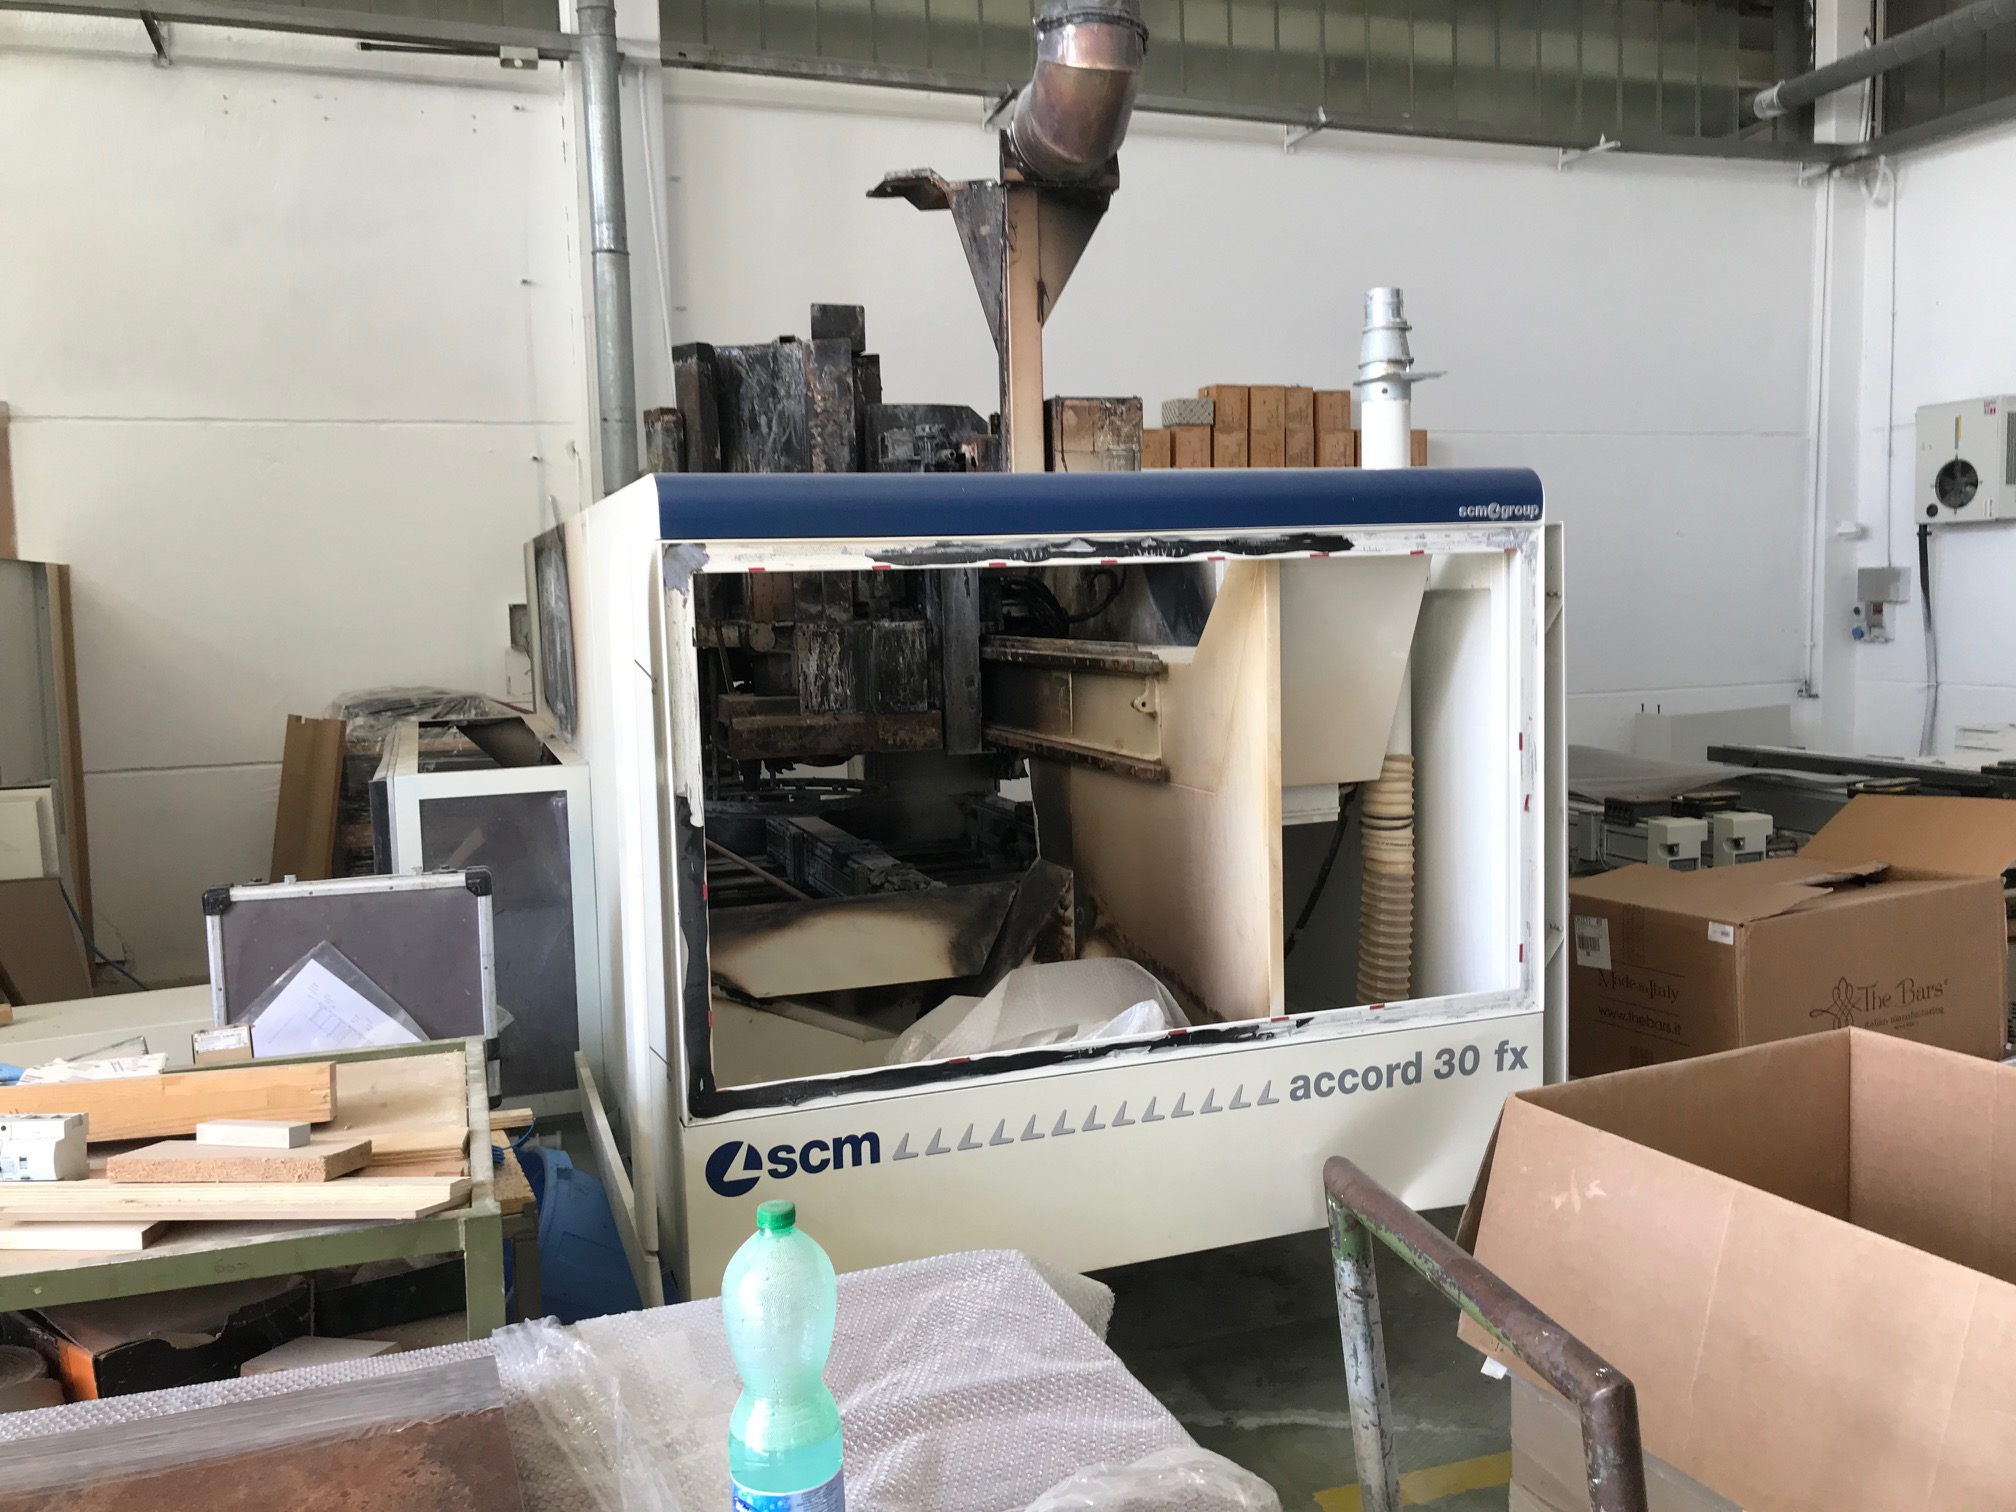 PE0027 - centro di lavoro incidentato SCM Accord 30 Fx in vendita - foto 4